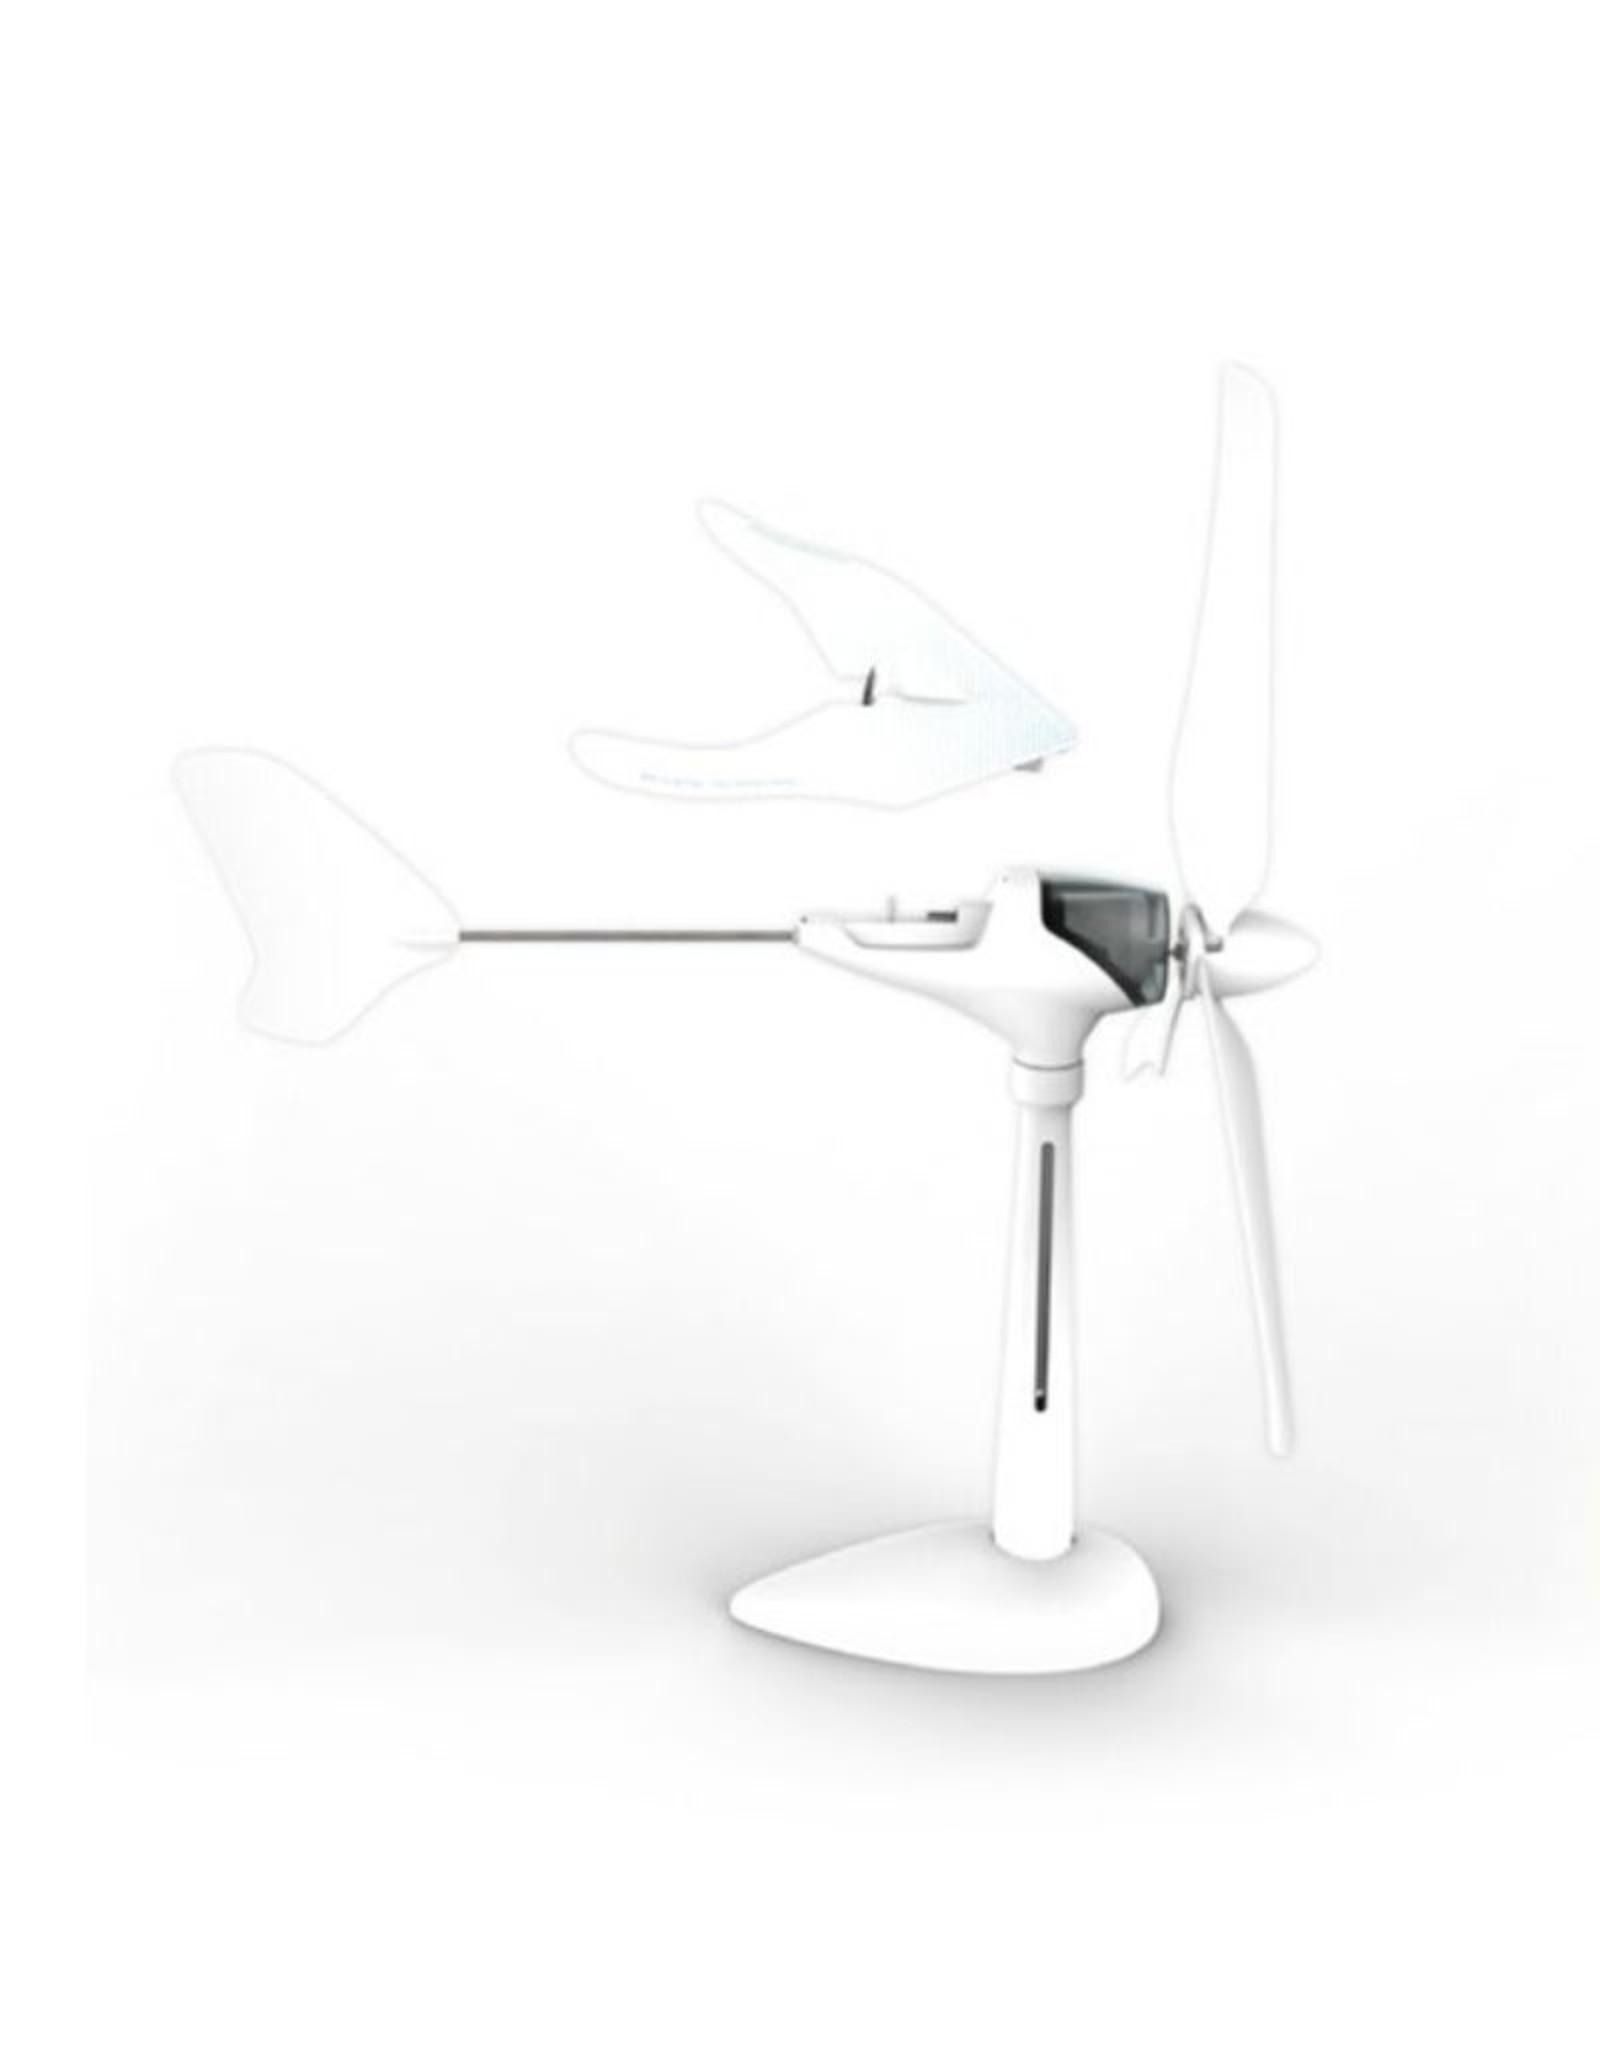 Wind motor glider